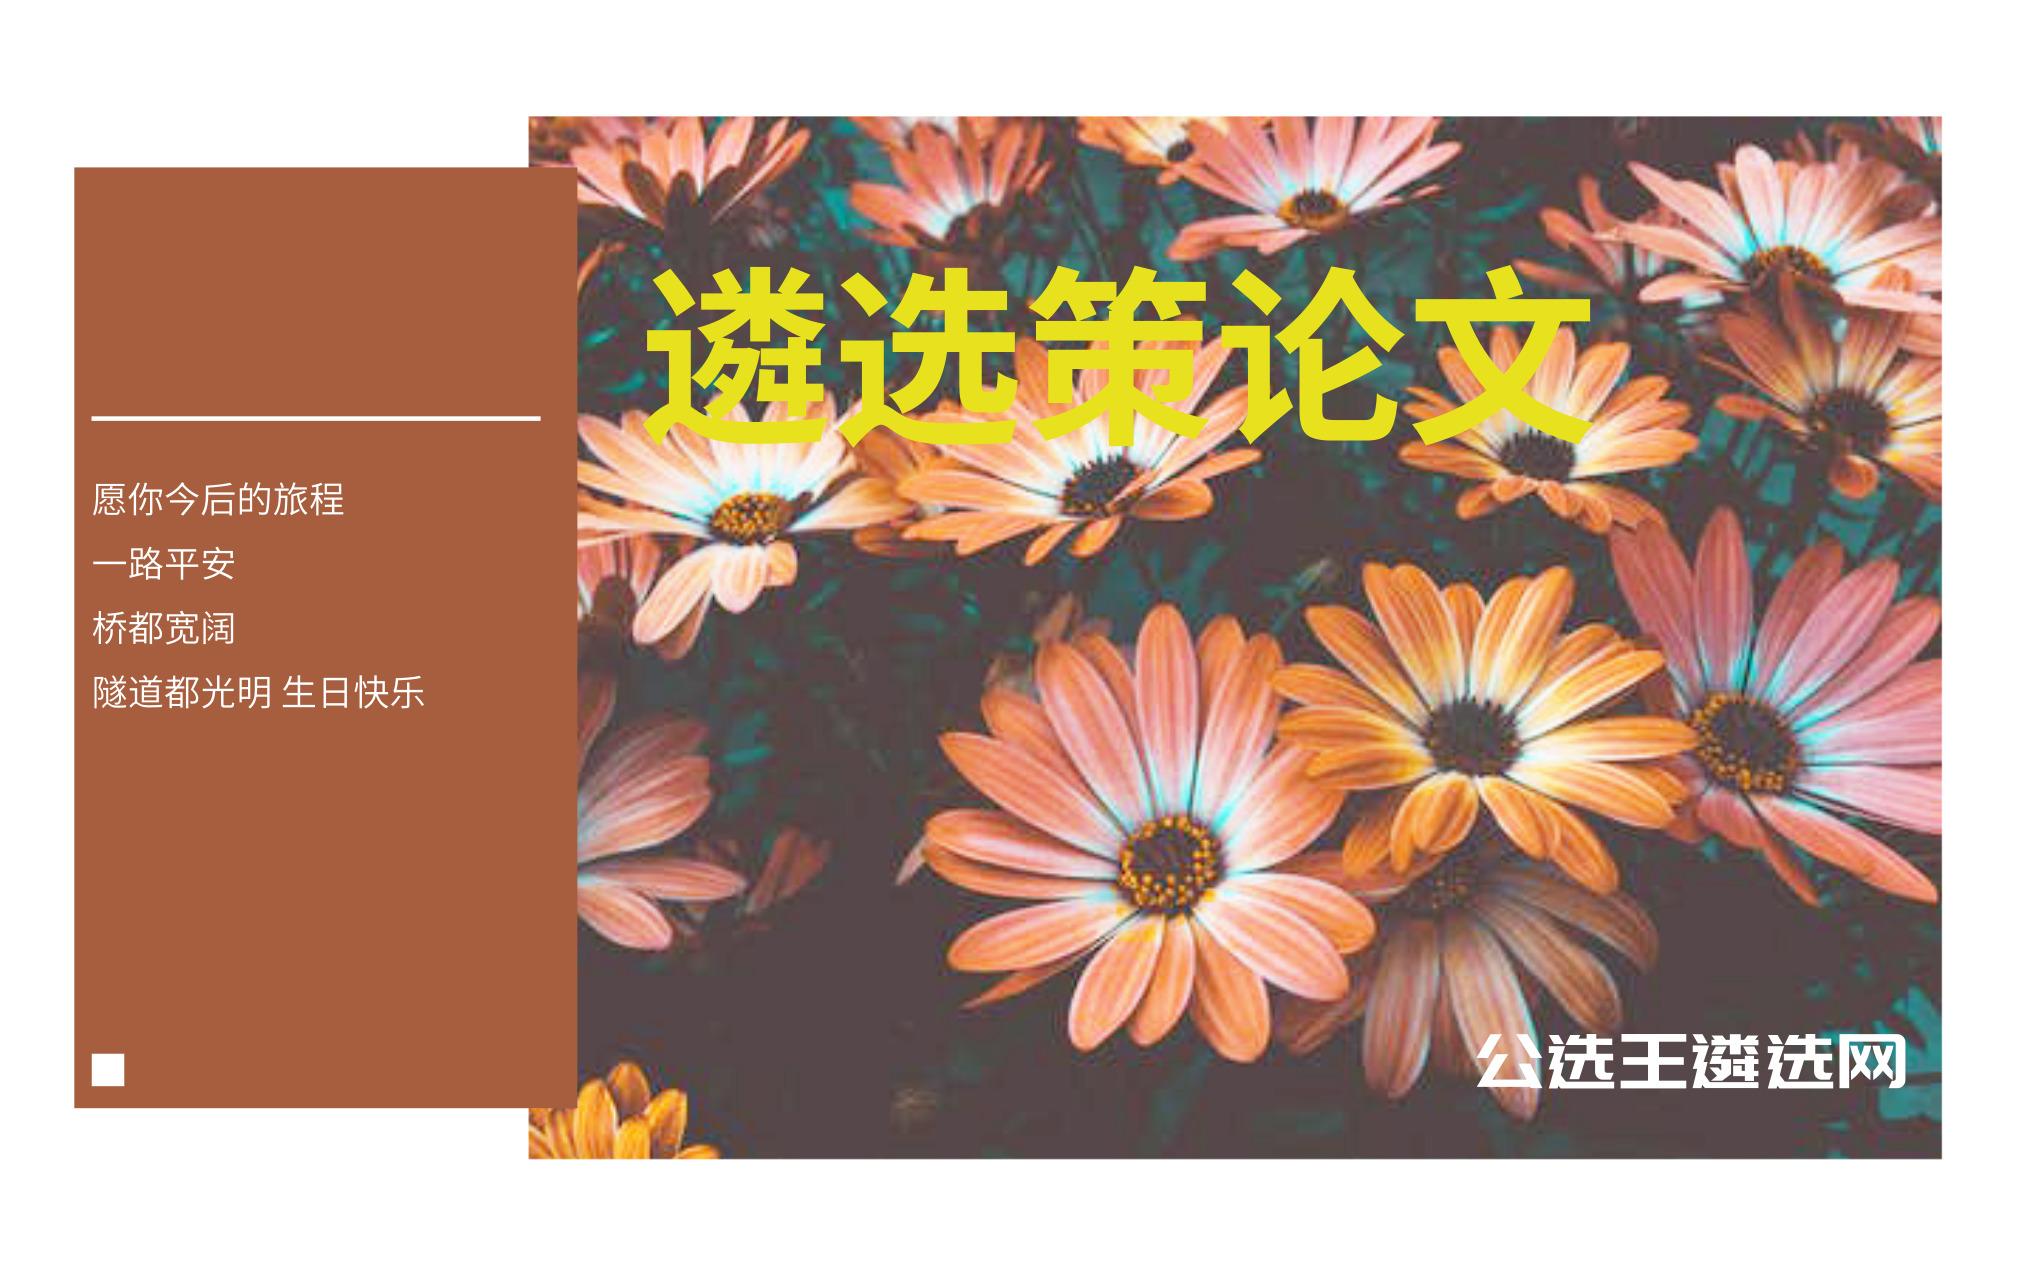 【2019江苏遴选考试策论文范文】请谈谈如何根治形式主义?